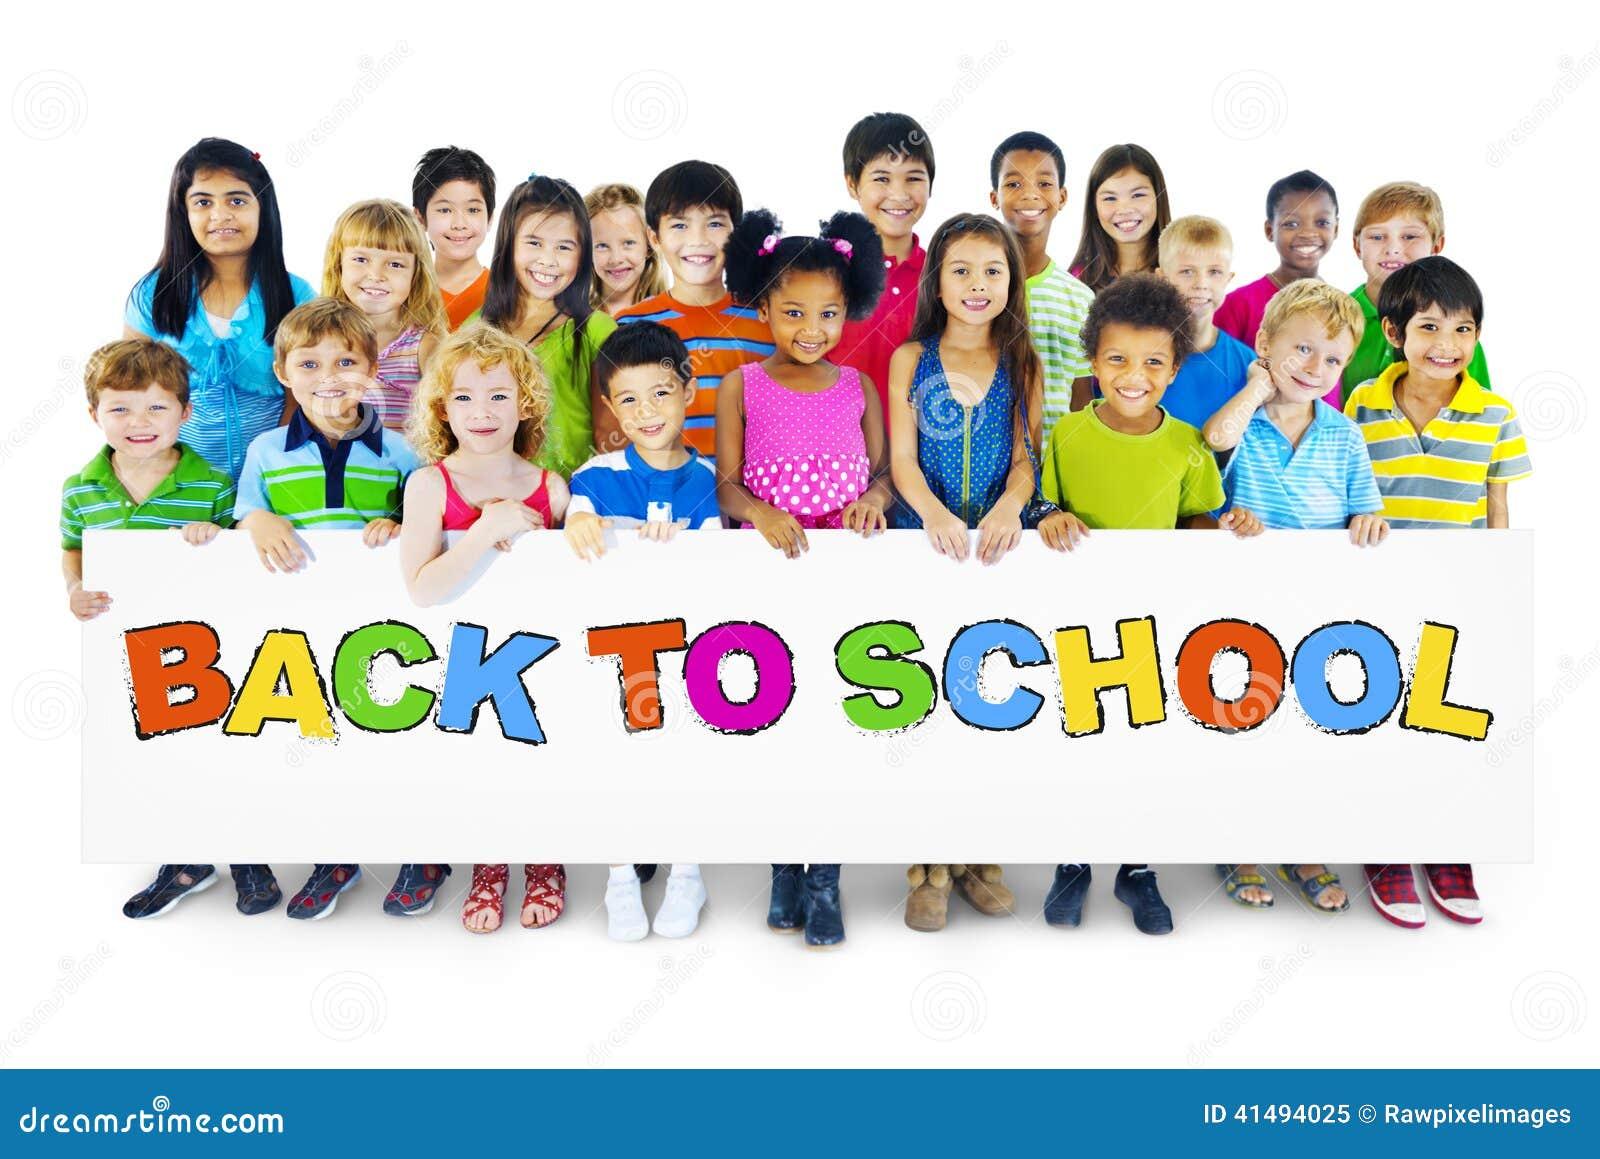 Ομάδα Multiethnic παιδιών με πίσω στη σχολική αφίσσα